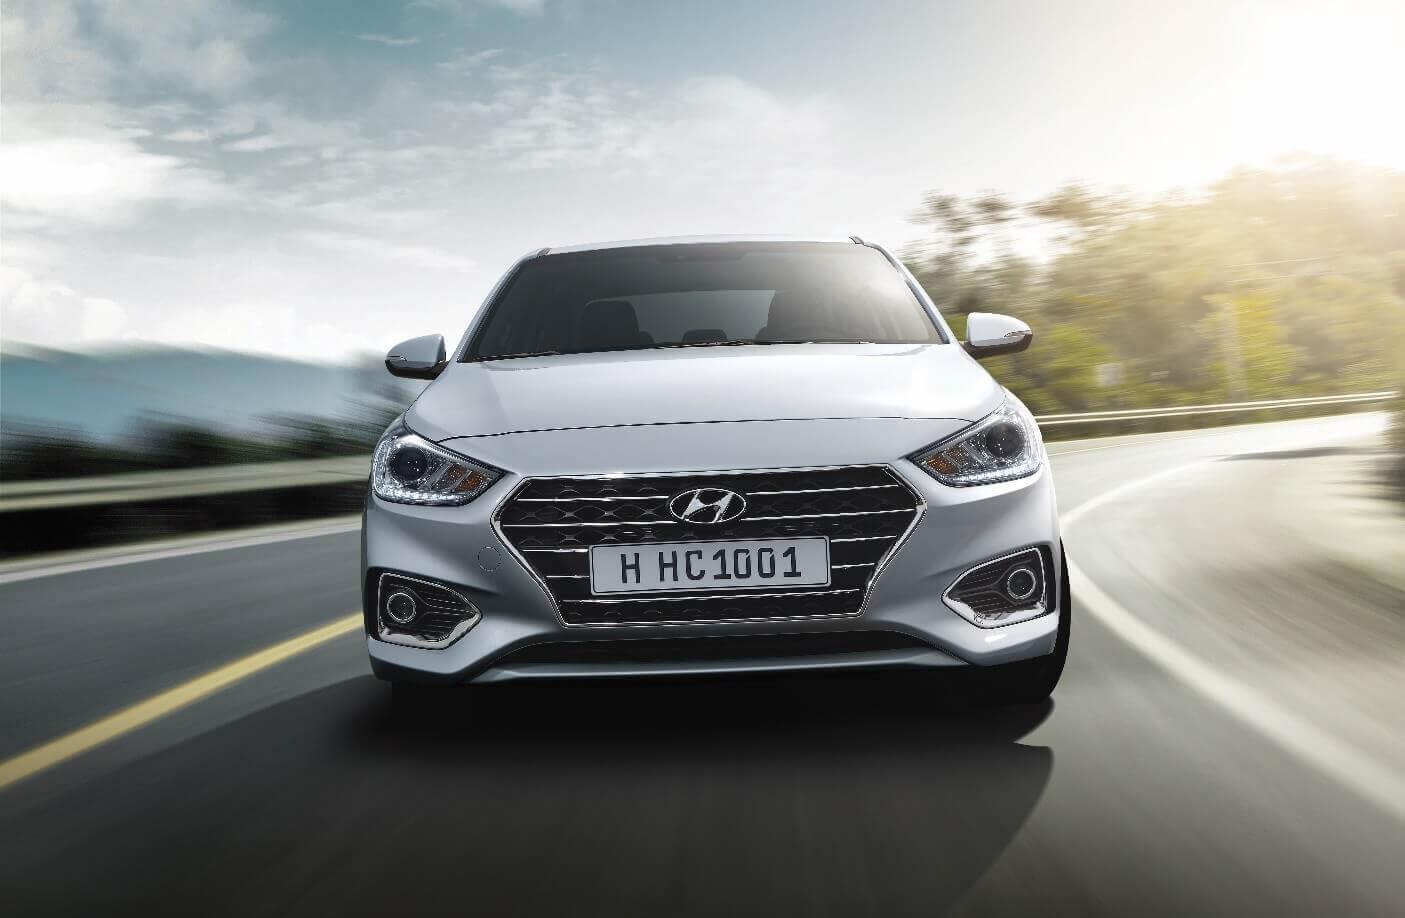 Hyundai accent anh 6 - Hyundai Accent mới: giá xe và khuyến mãi tháng [hienthithang]/[hienthinam]